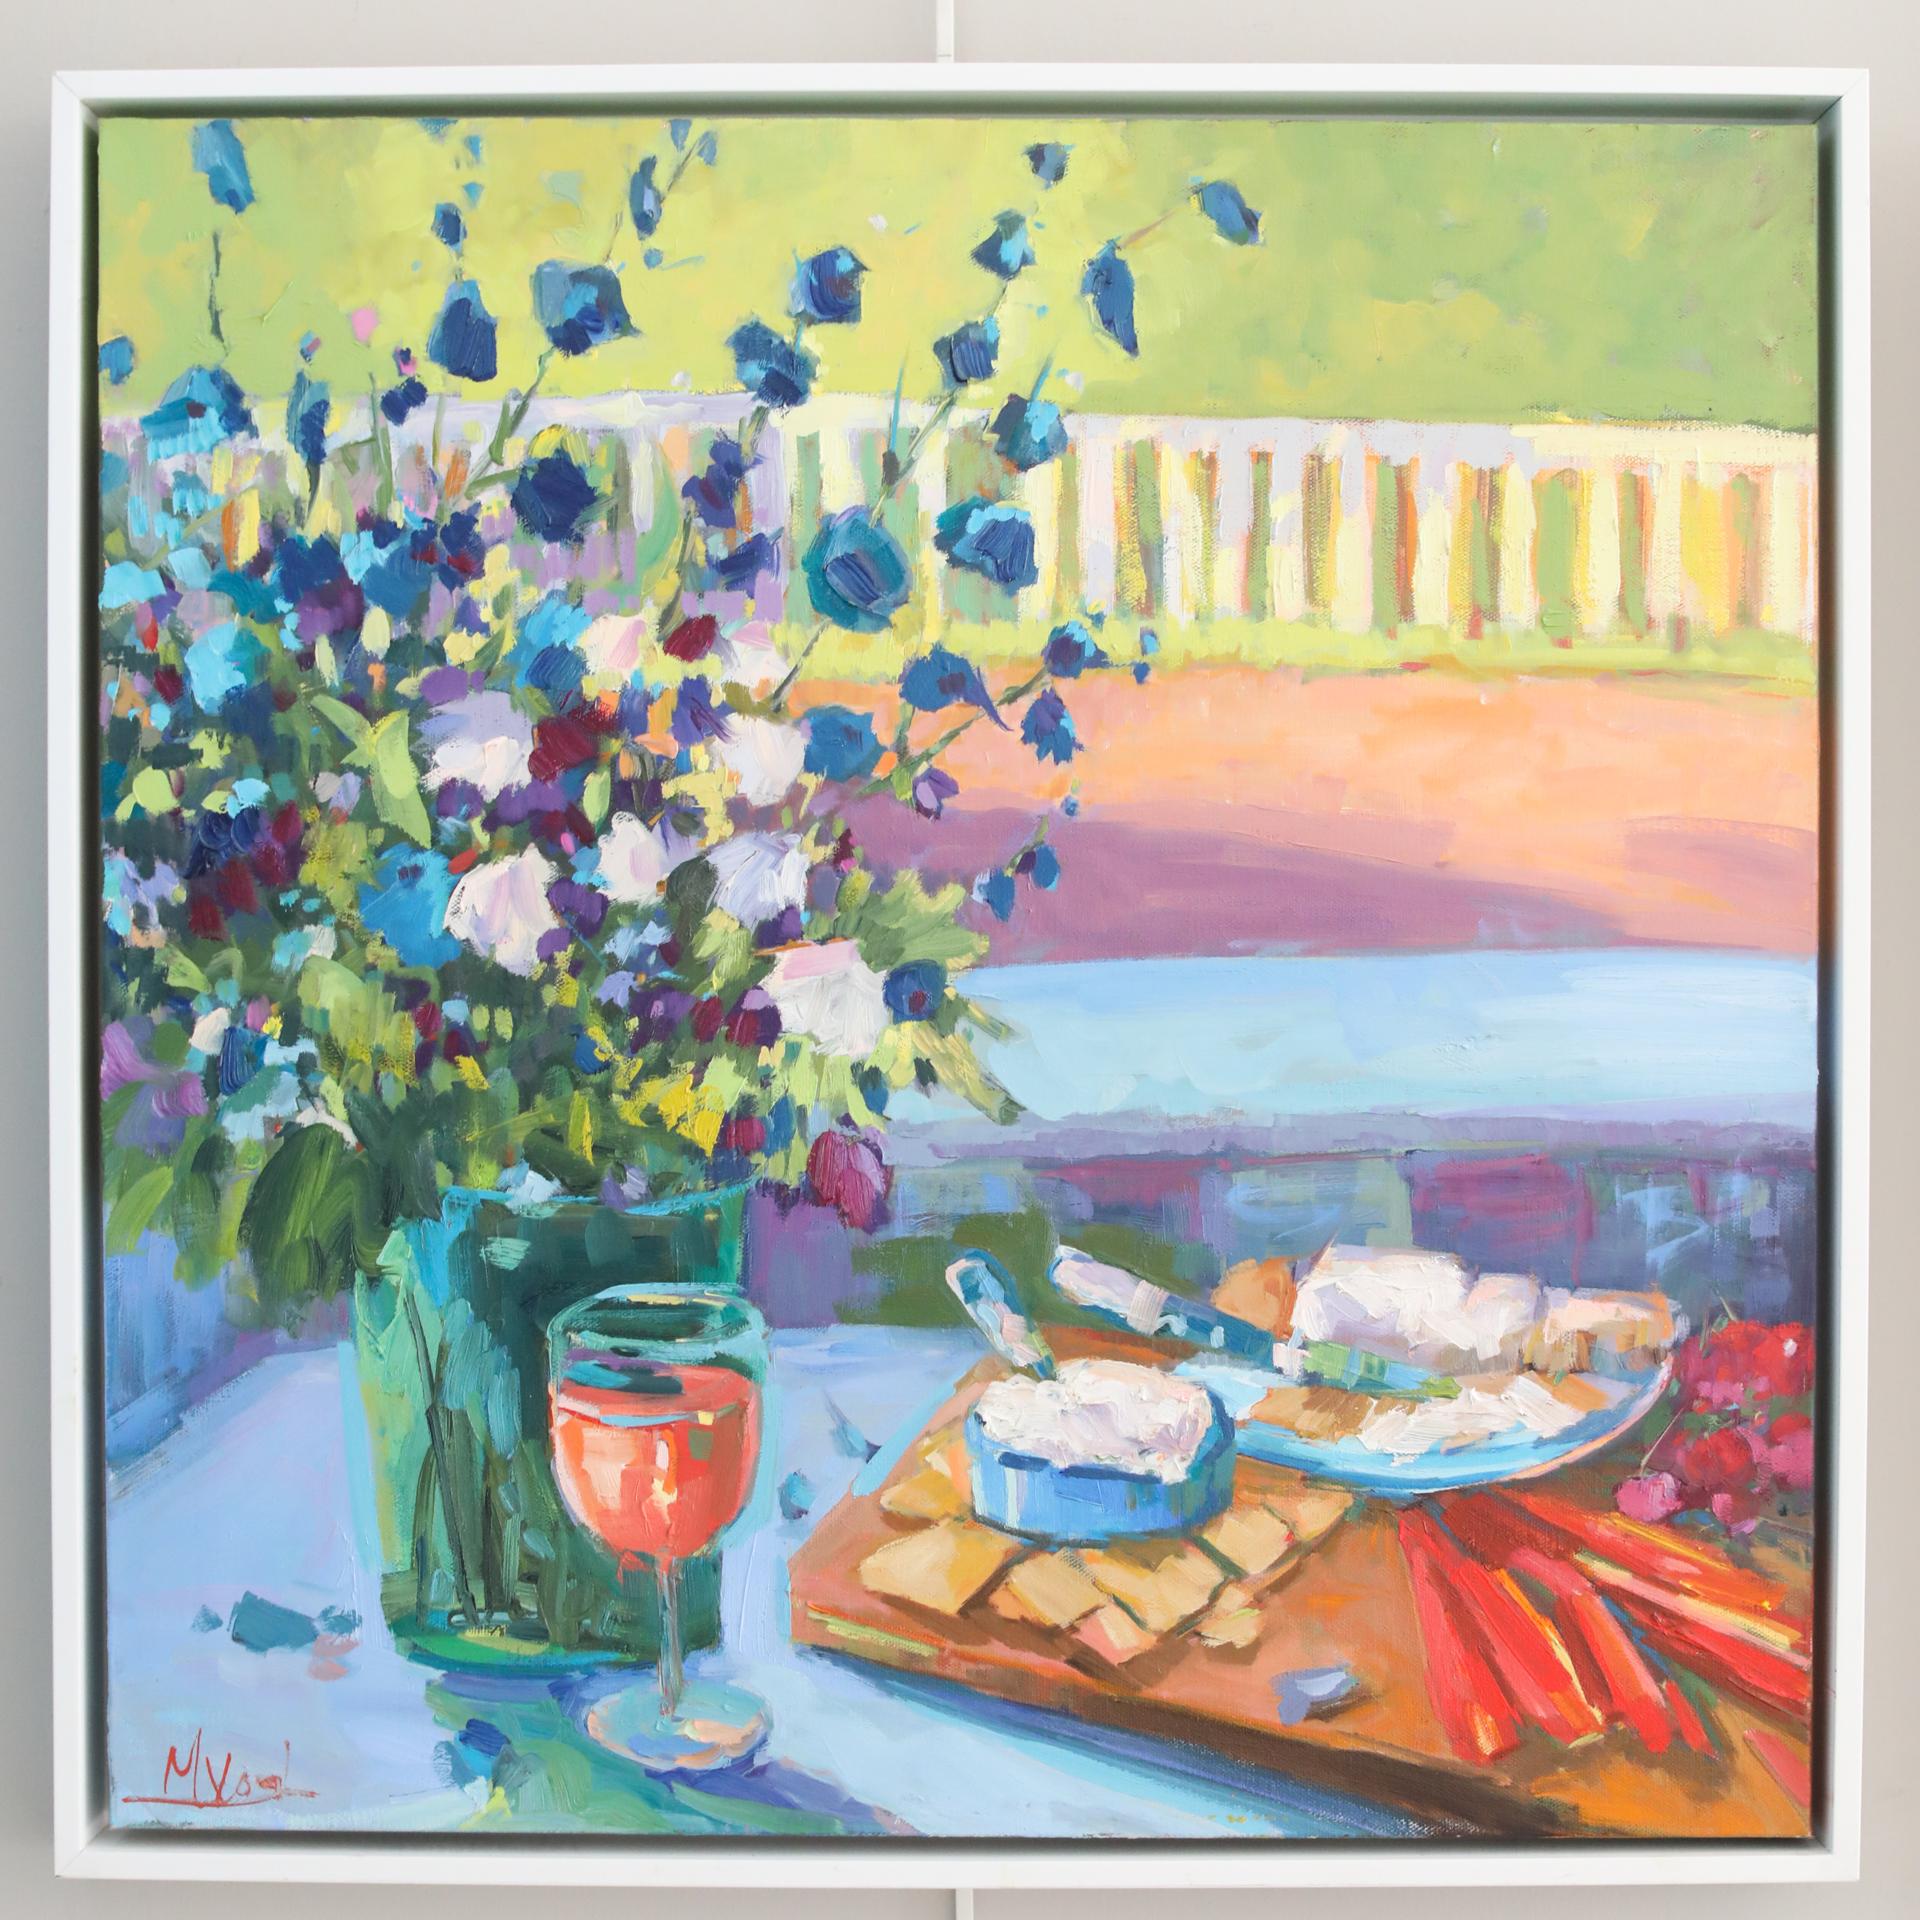 Happy Hour On The Vineyard by Marissa Vogl